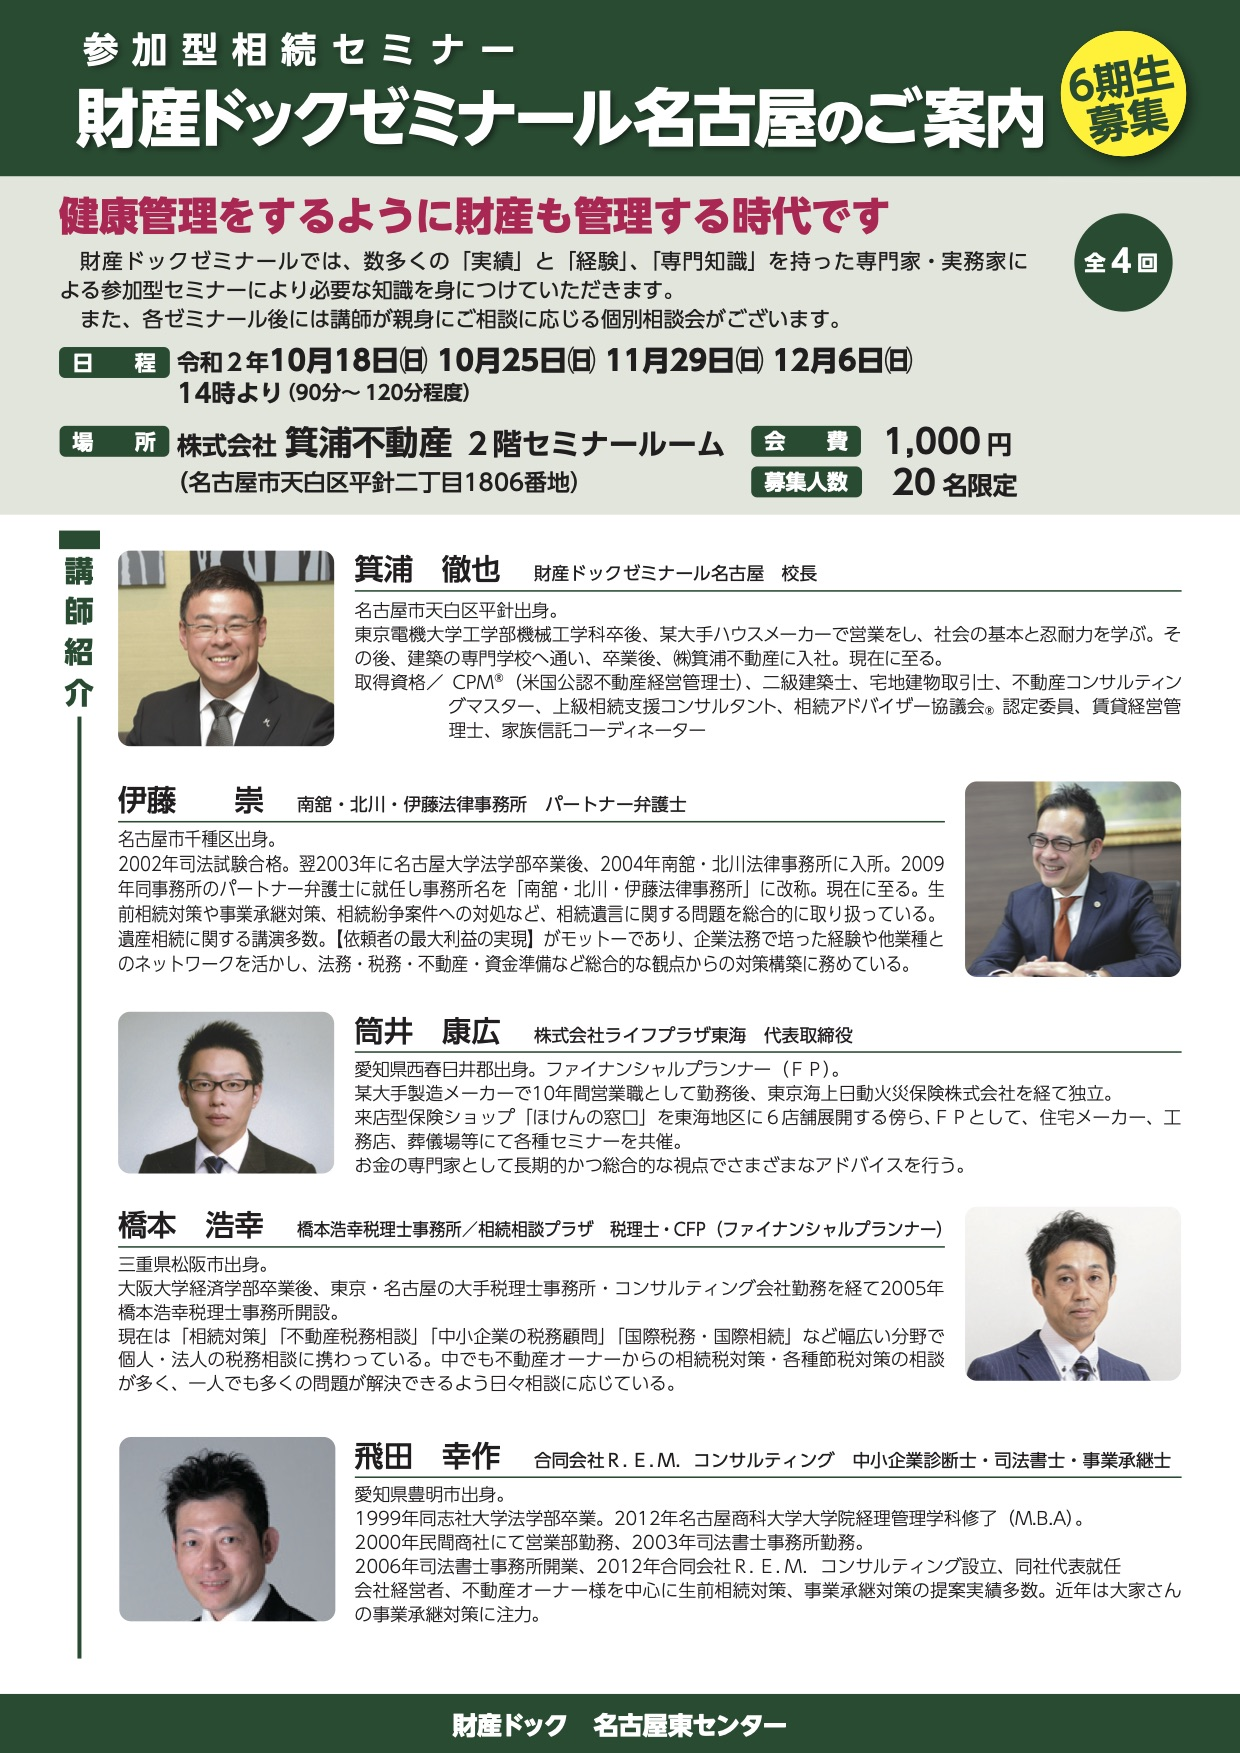 財産ドックゼミナール名古屋 第6期 開催のお知らせ